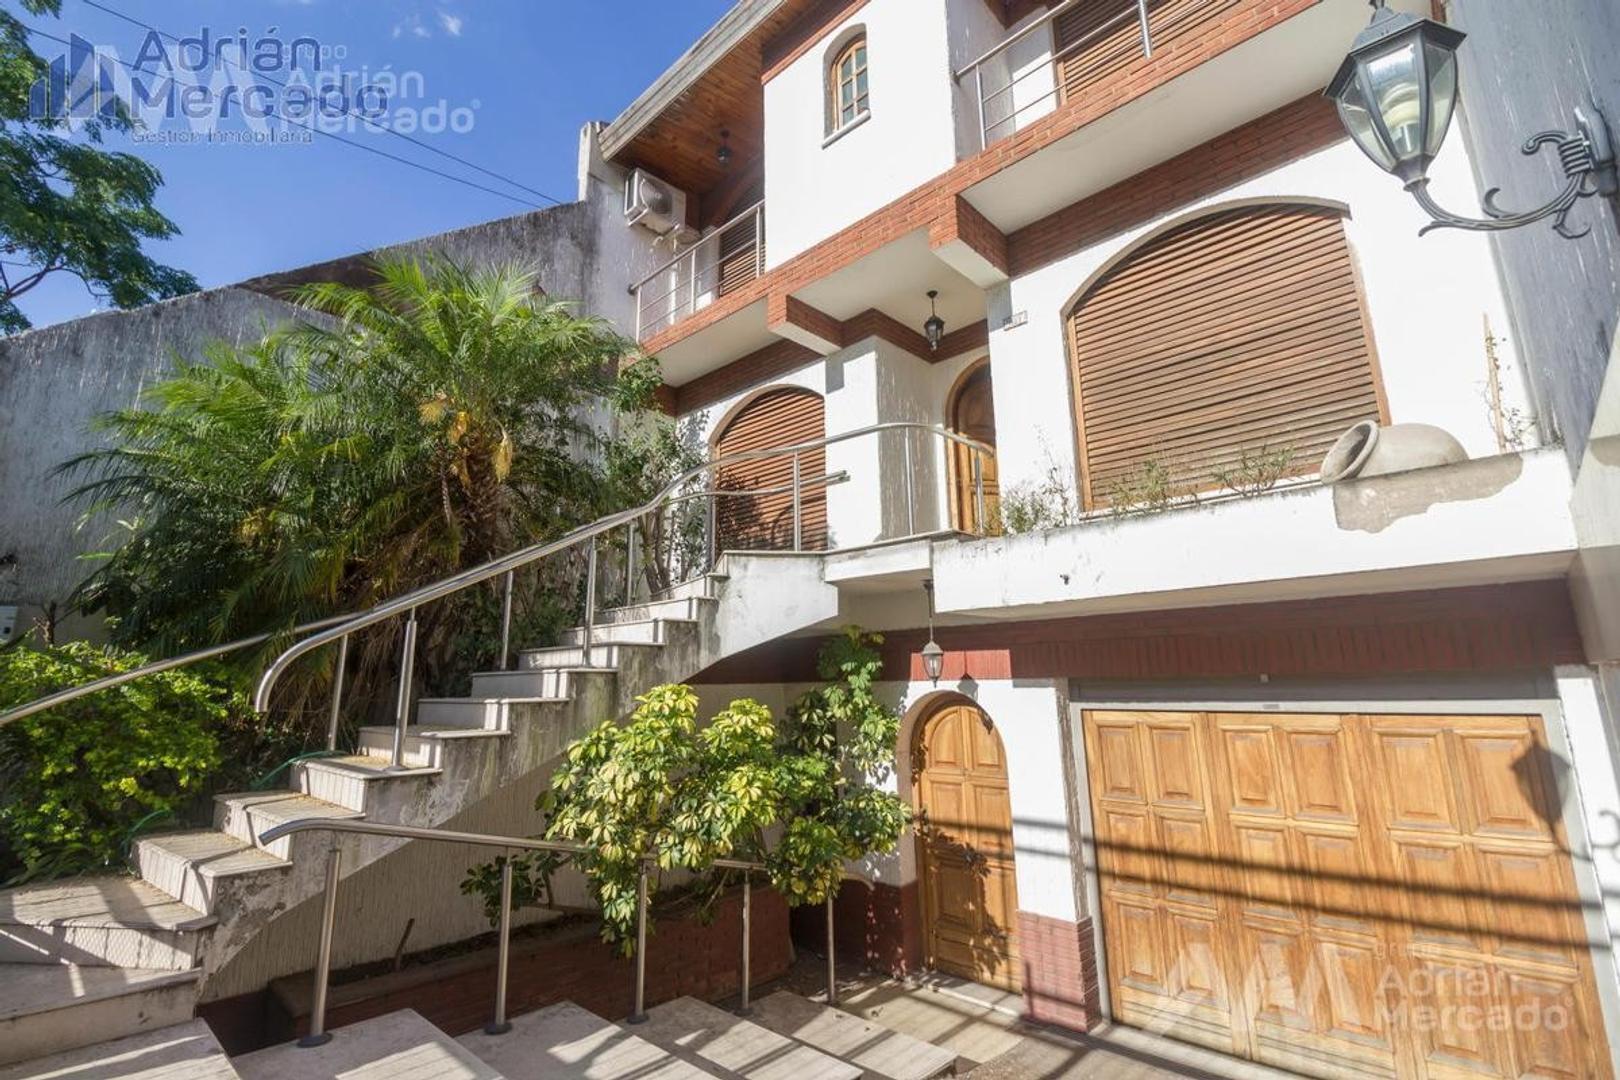 Impecable casa en tres plantas con garage para 4 autos en Parque Chacabuco